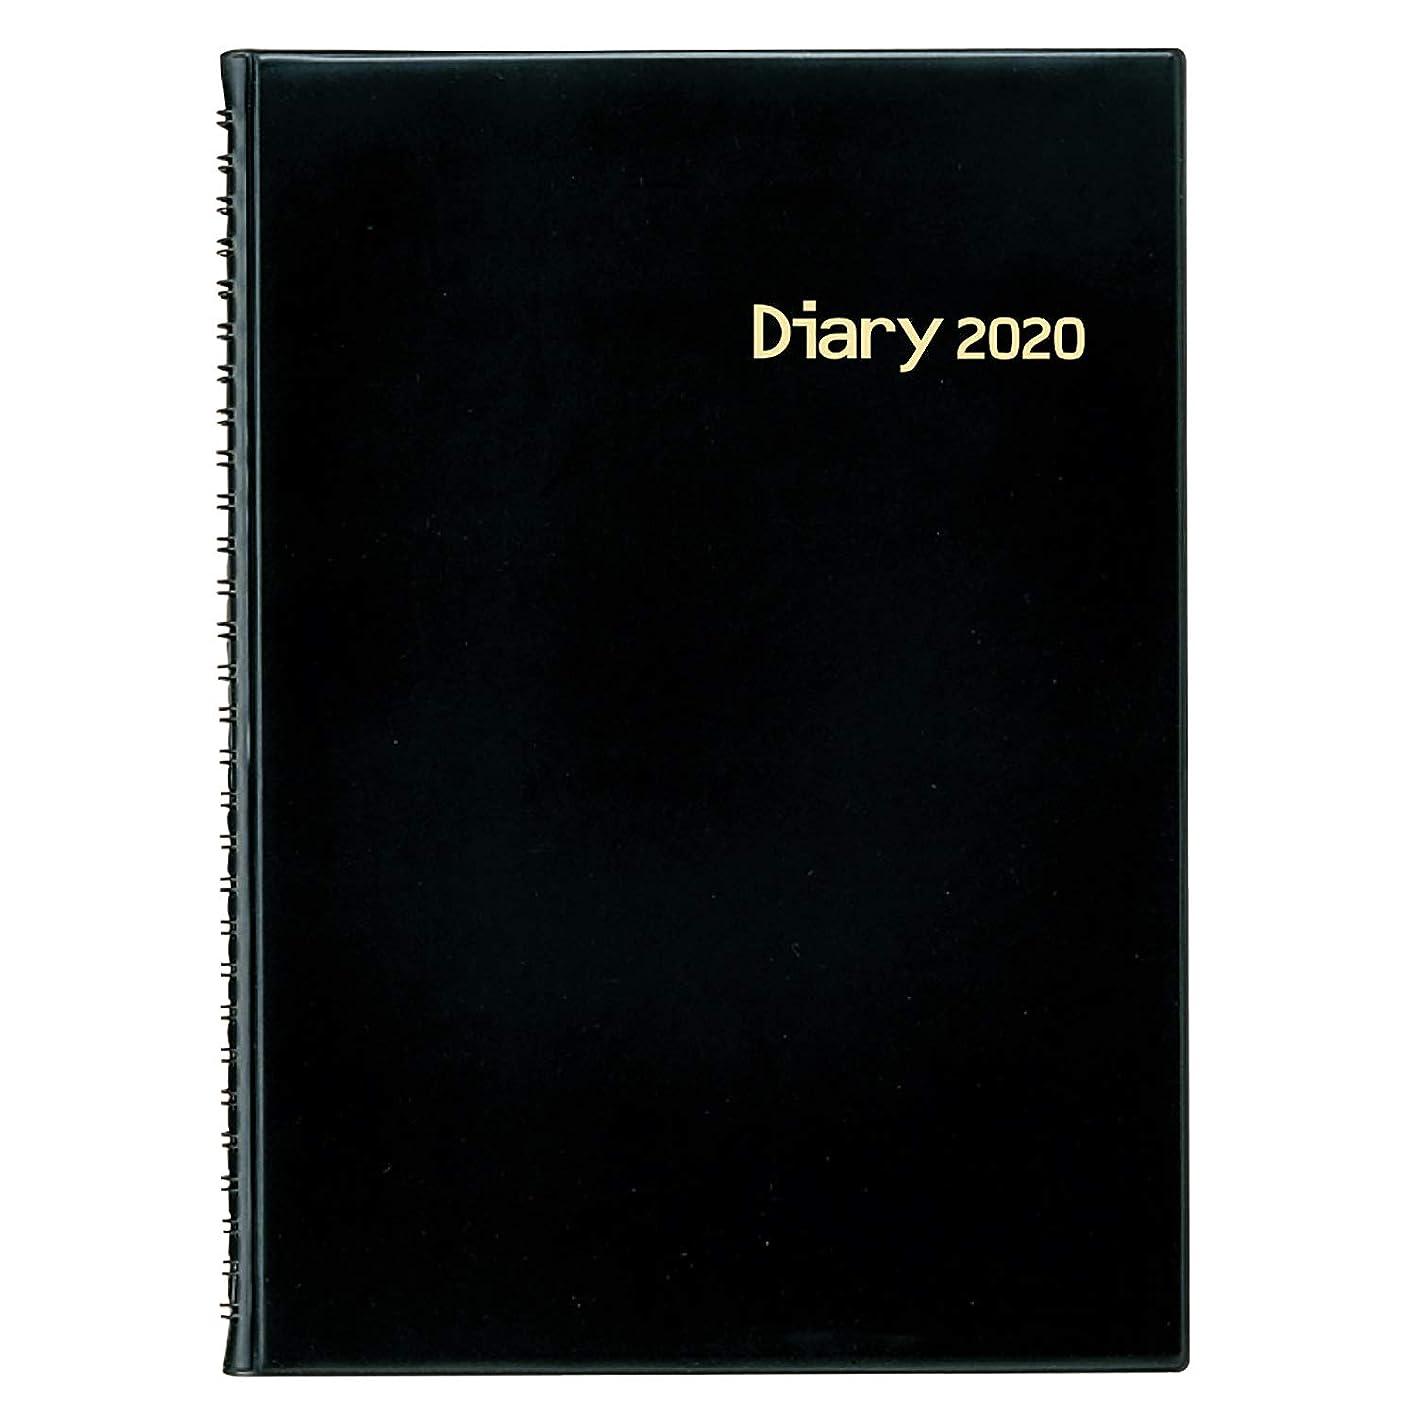 コミットメント童謡姪キョクトウ 手帳 2020年 B5 ウィークリー 12ヶ月 黒 B40020 2020年 1月始まり